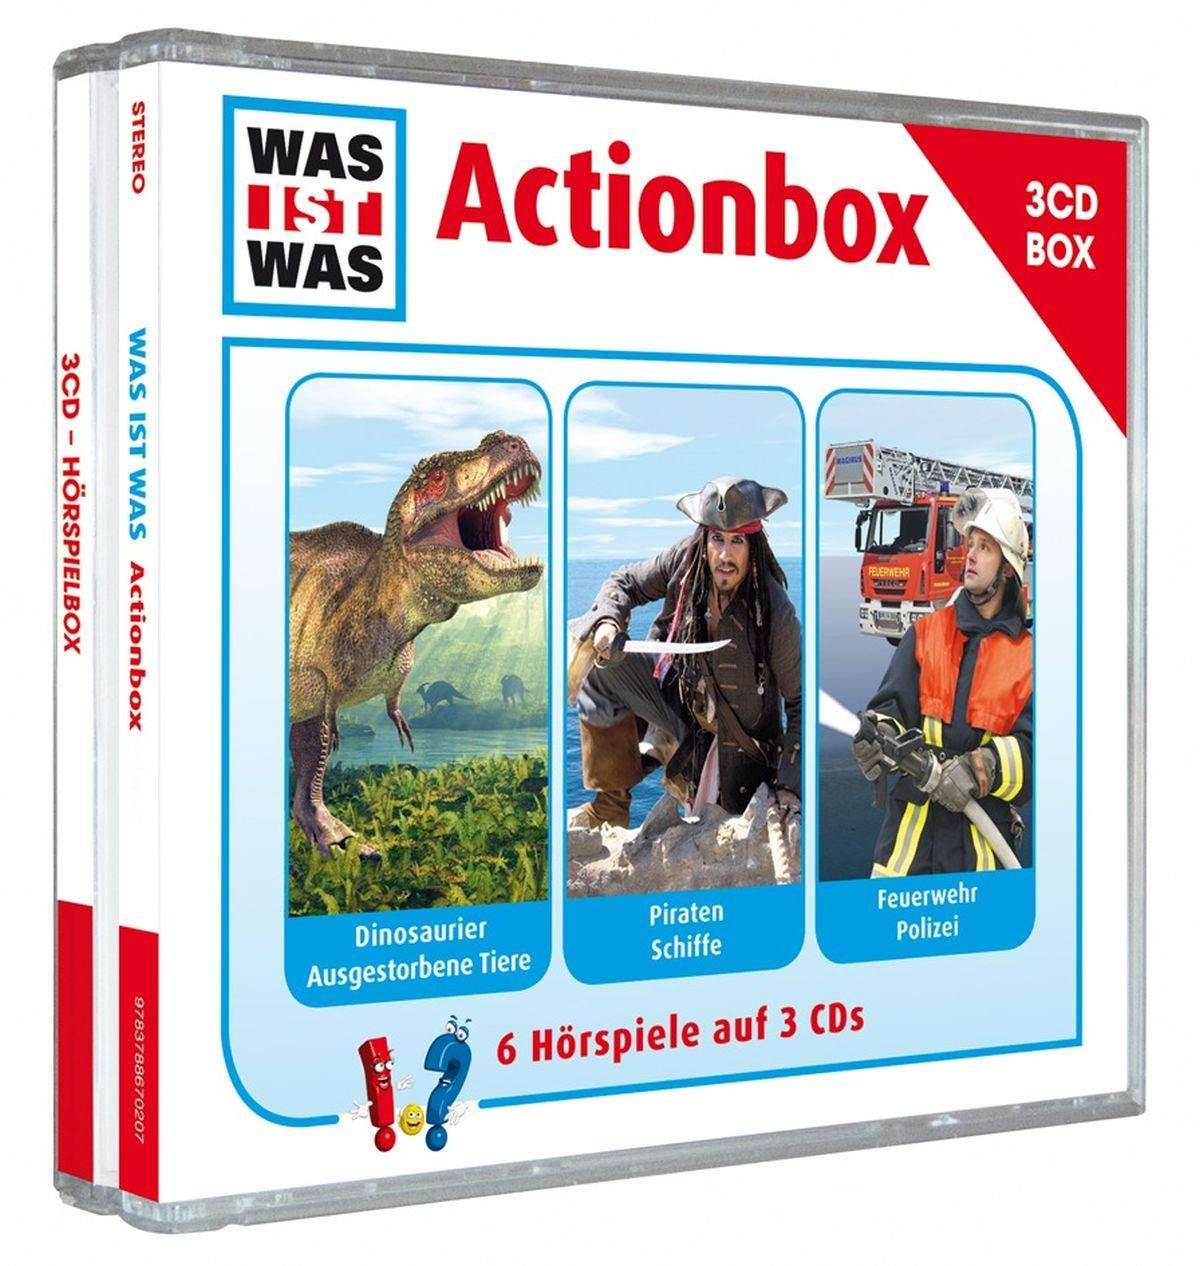 Was Ist Was - Hörspielbox Vol. 1 - Actionbox